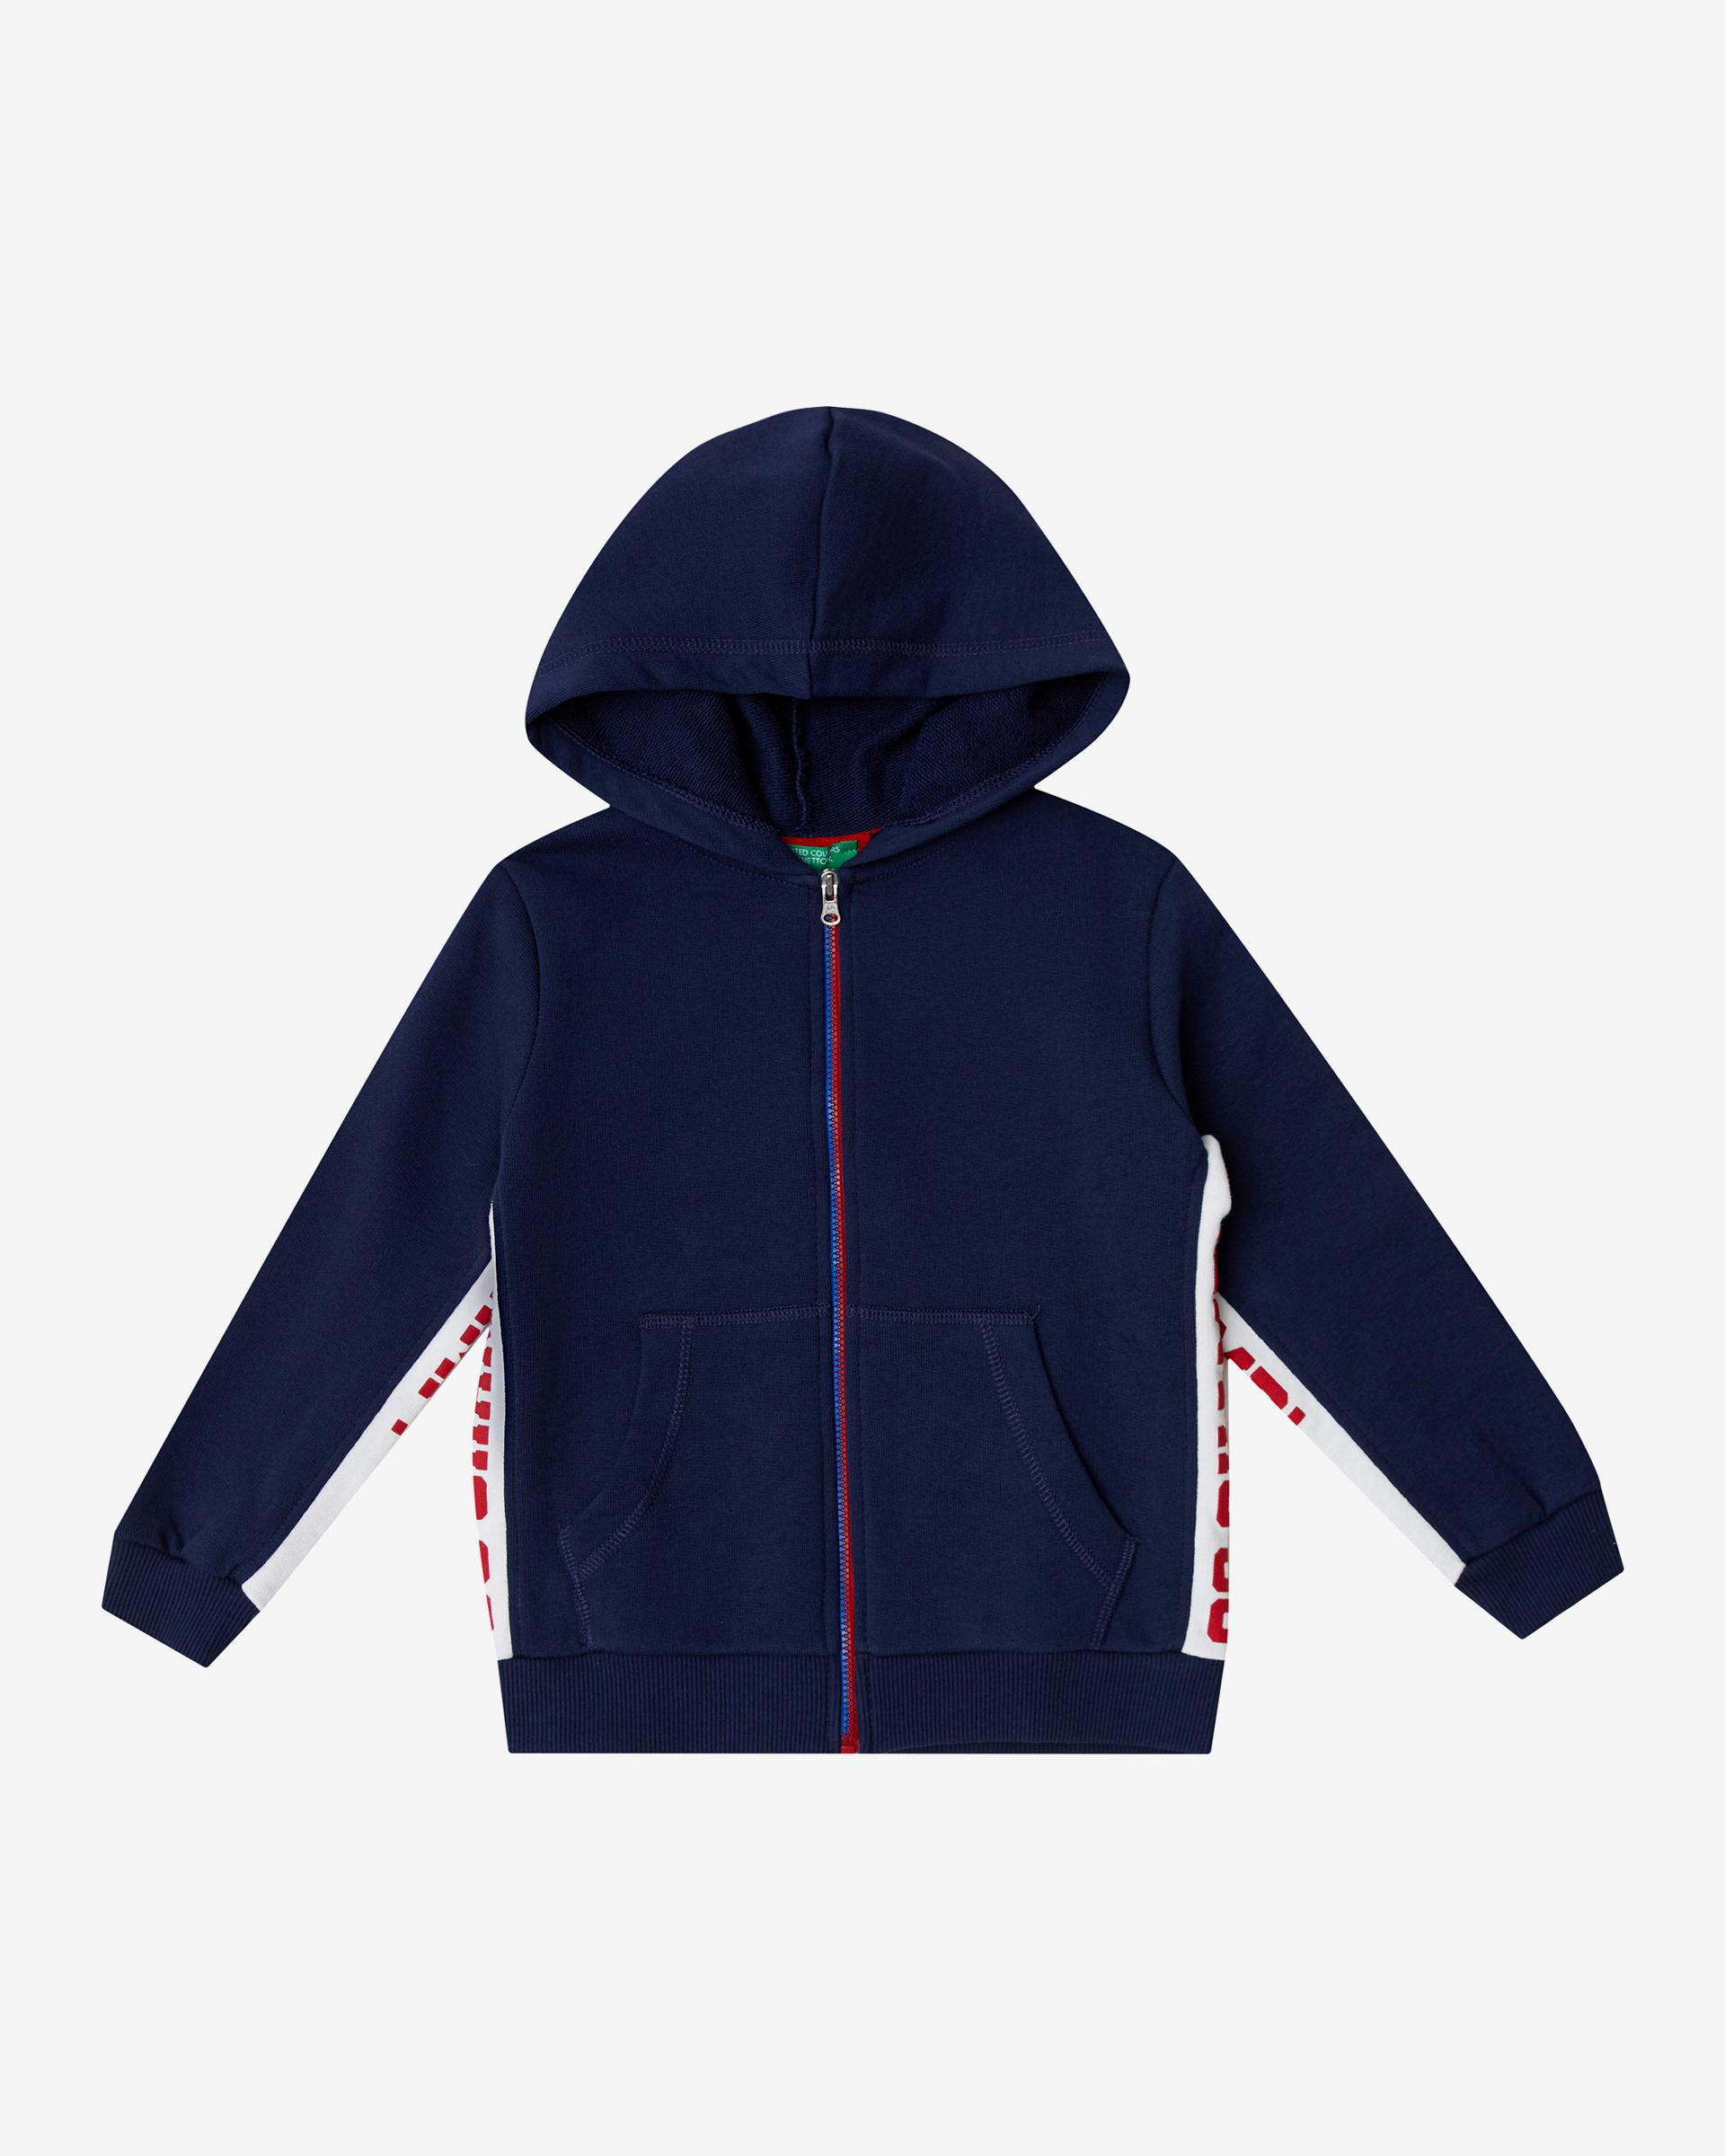 20P_3J68C52LP_252, Толстовка для мальчиков Benetton 3J68C52LP_252 р-р 80, United Colors of Benetton, Кофточки, футболки для новорожденных  - купить со скидкой